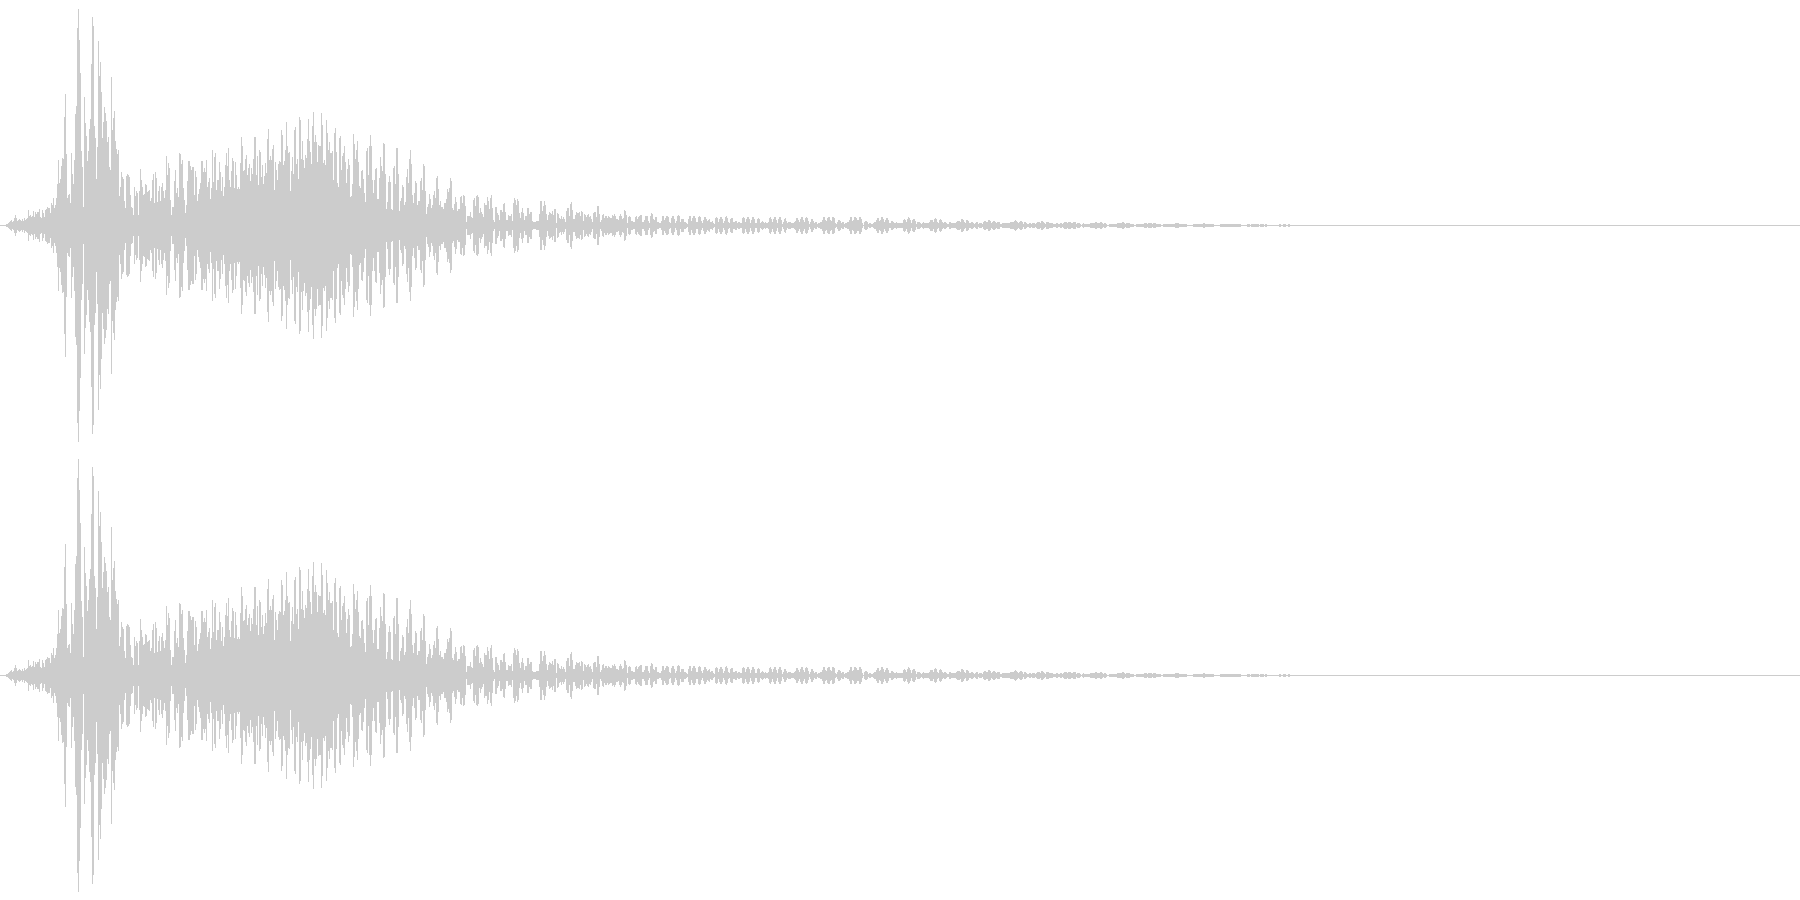 ボタン音、キャンセル音(残念、失敗)の未再生の波形